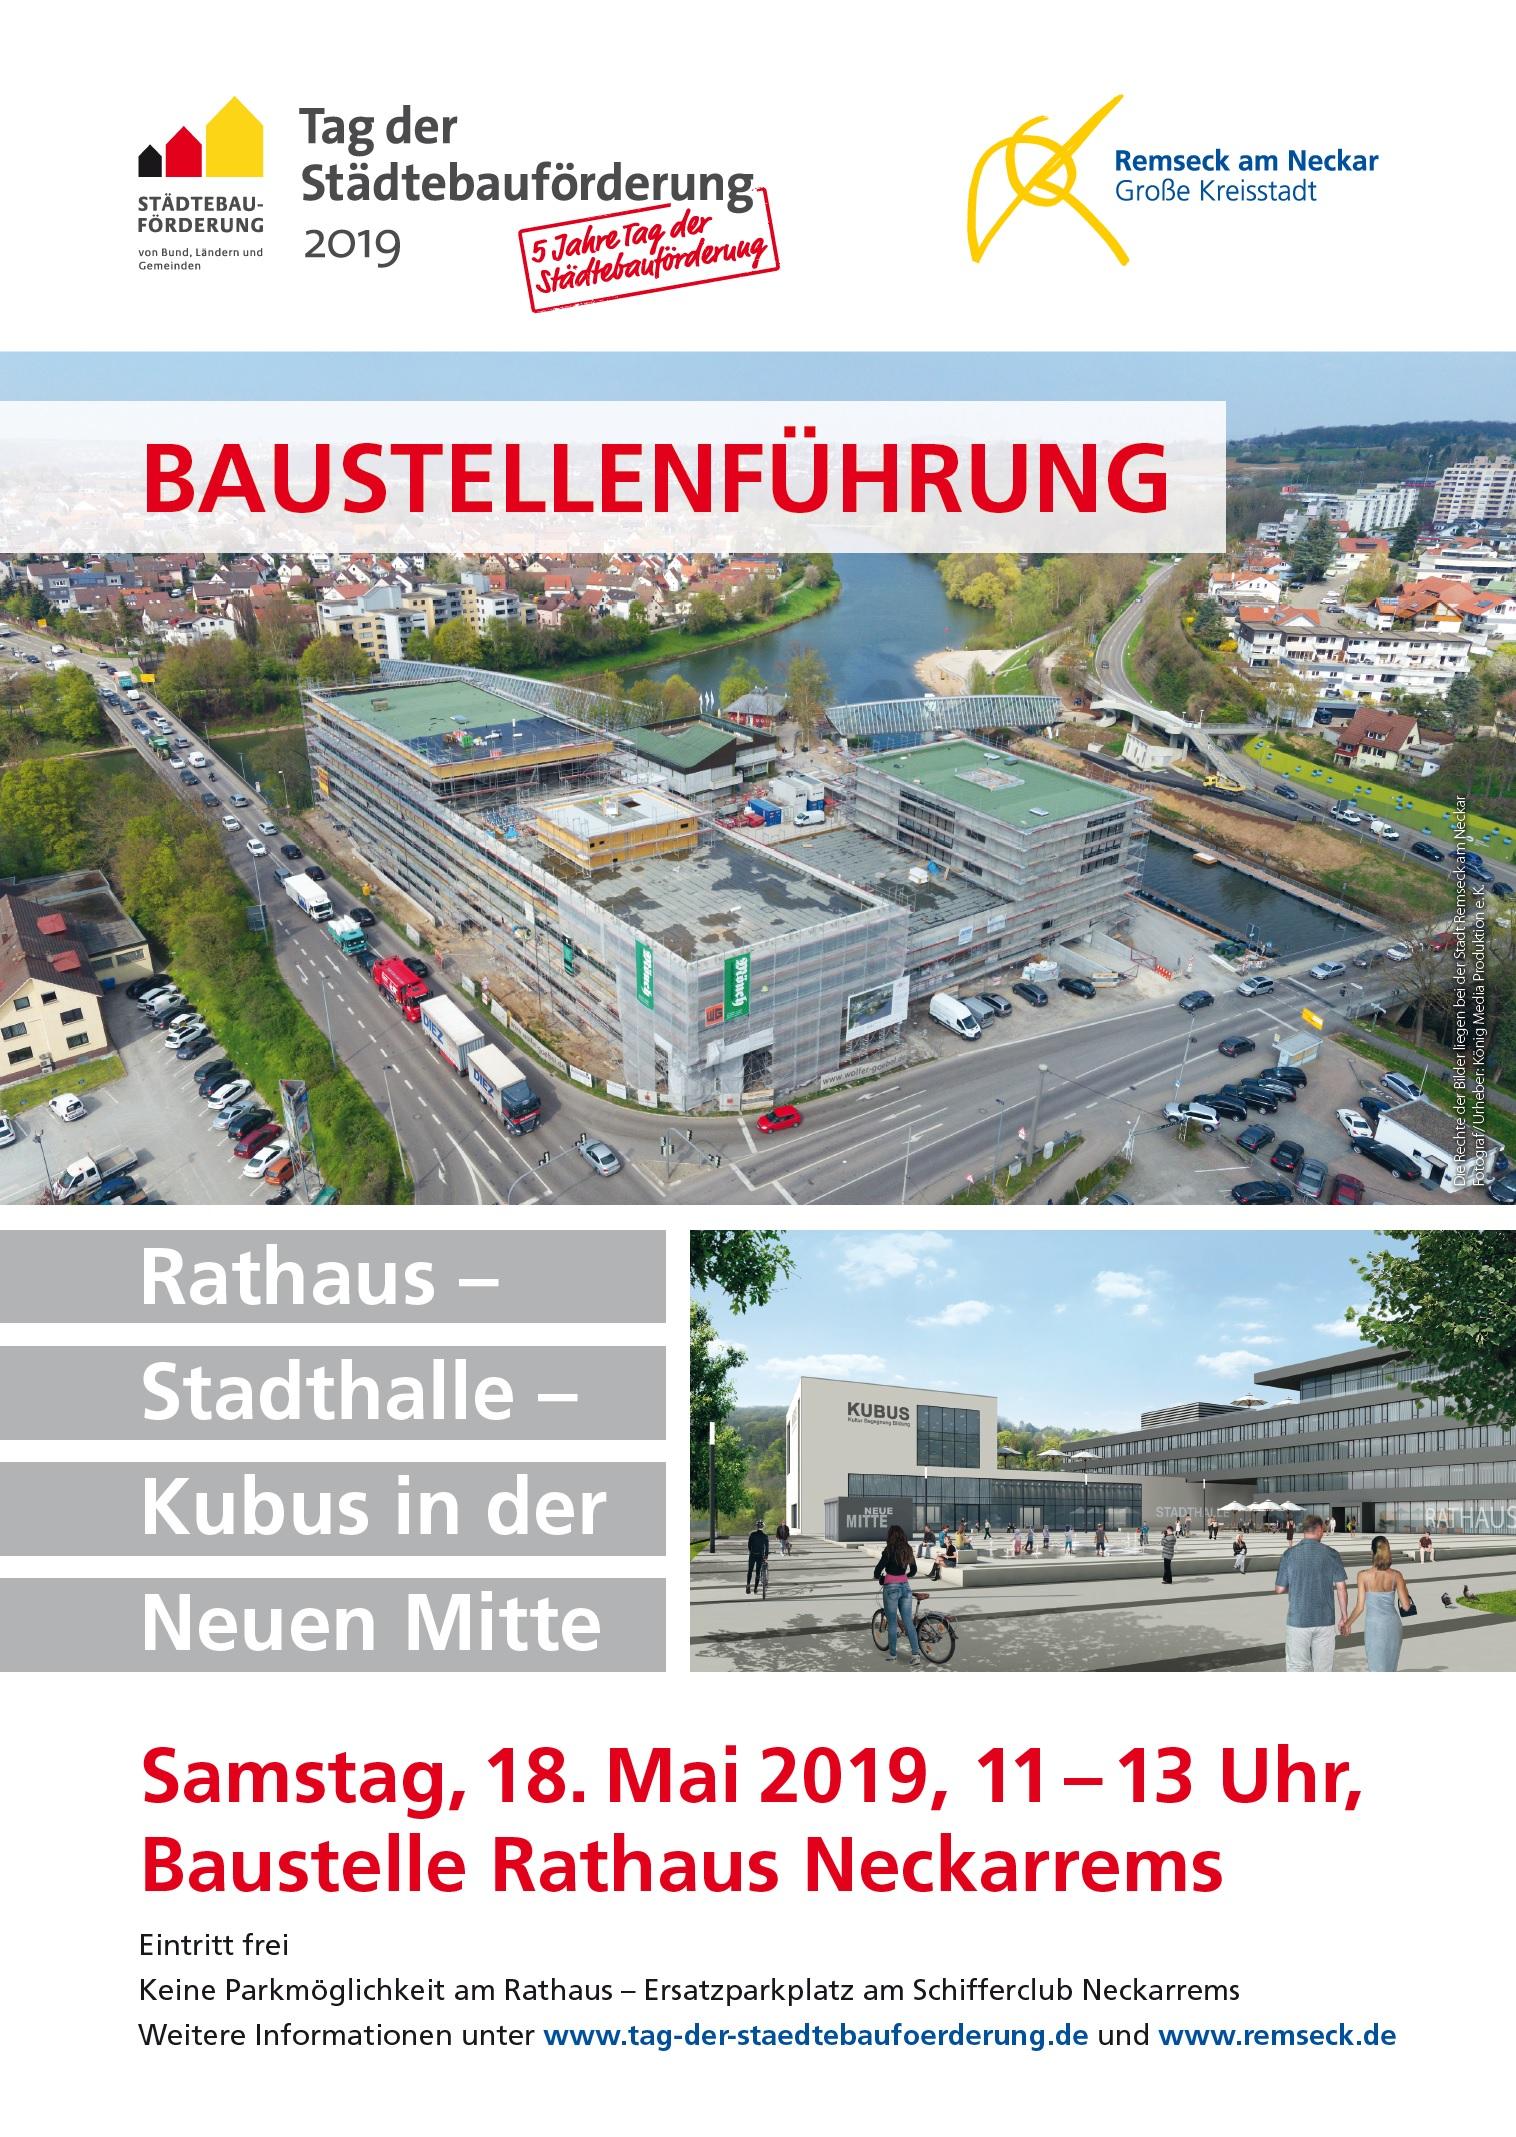 Plakat zum Tag der Städtebauförderung 2019   Stadt Remseck am Neckar